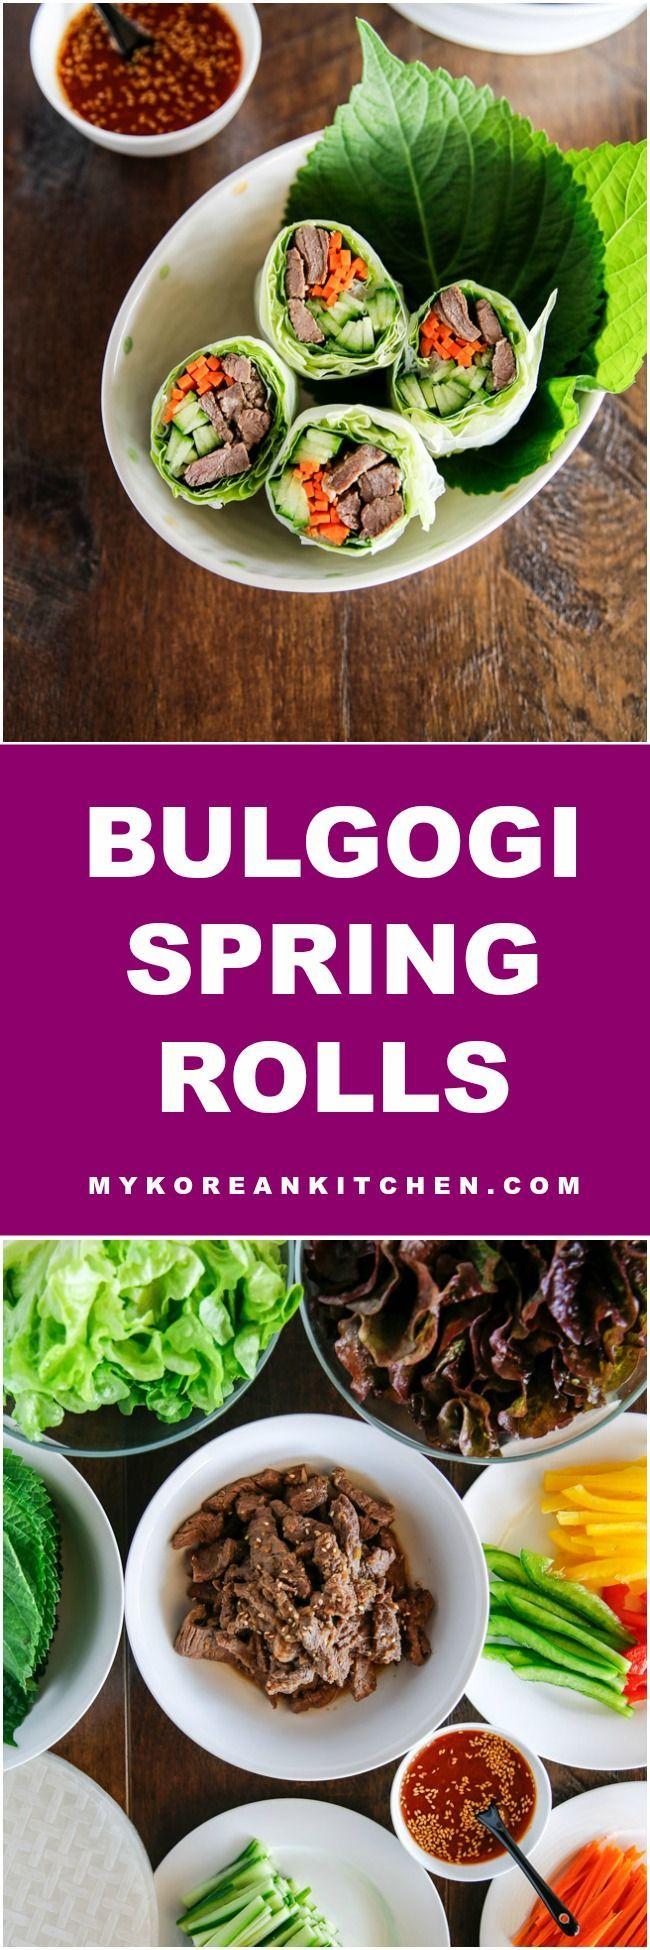 Bulgogi spring rolls with sweet ssamjang sauce ...